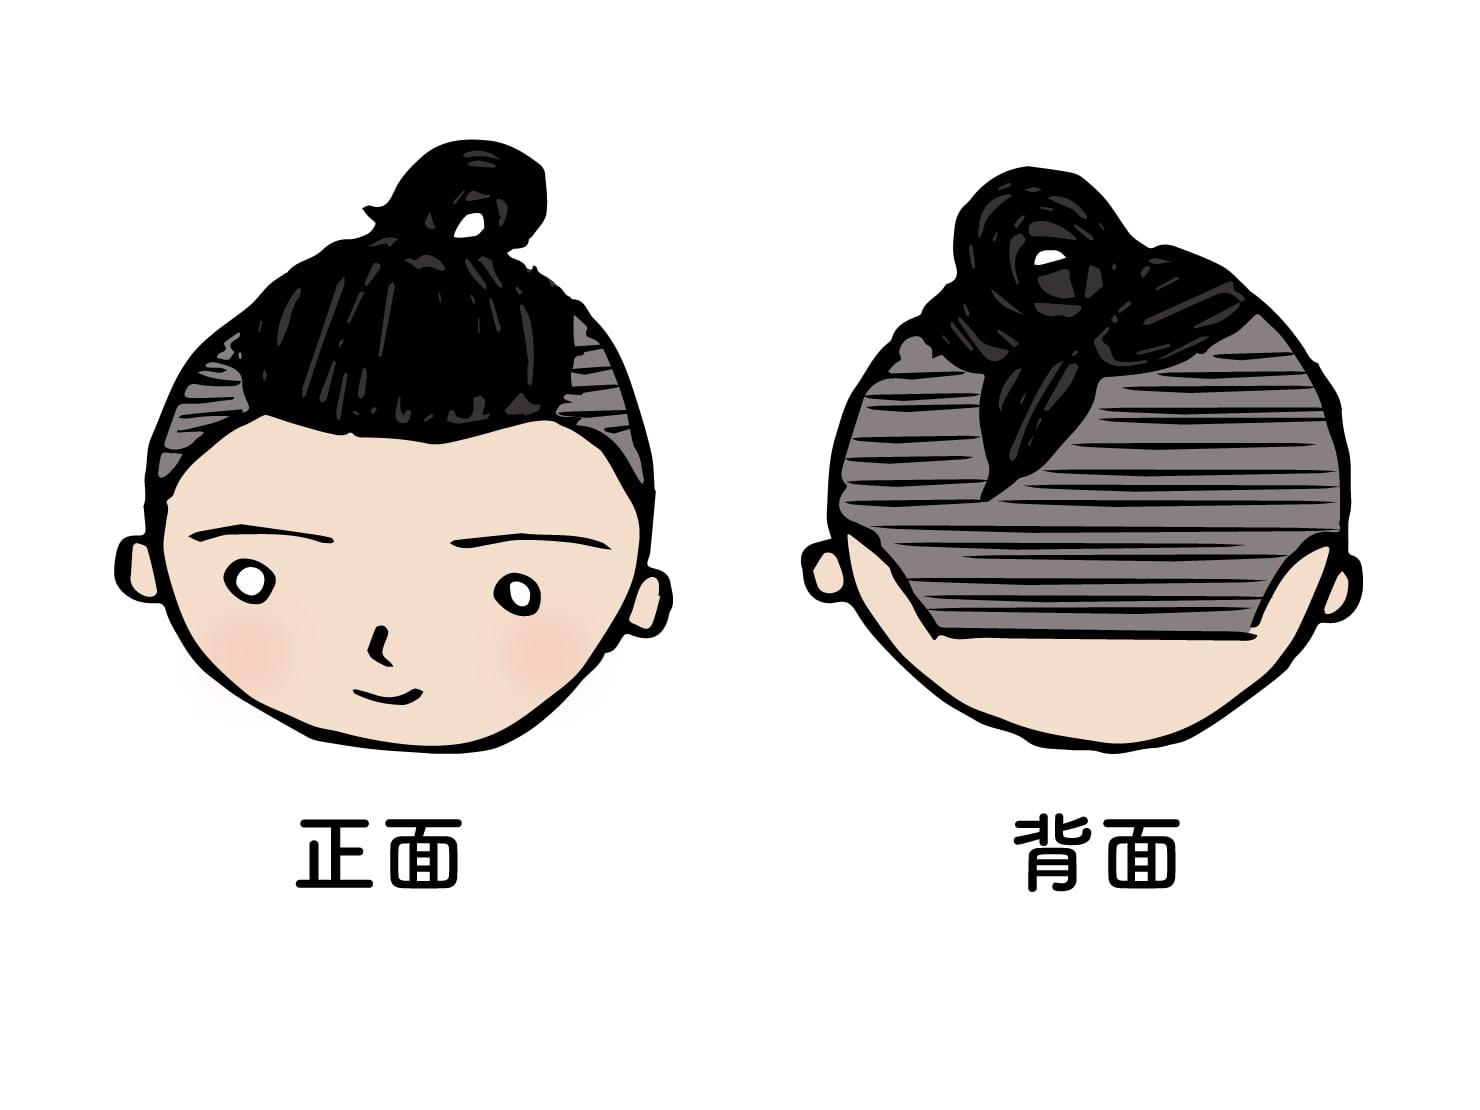 台湾男子御用達のヘアスタイル「リーゼント」オフの日バージョン